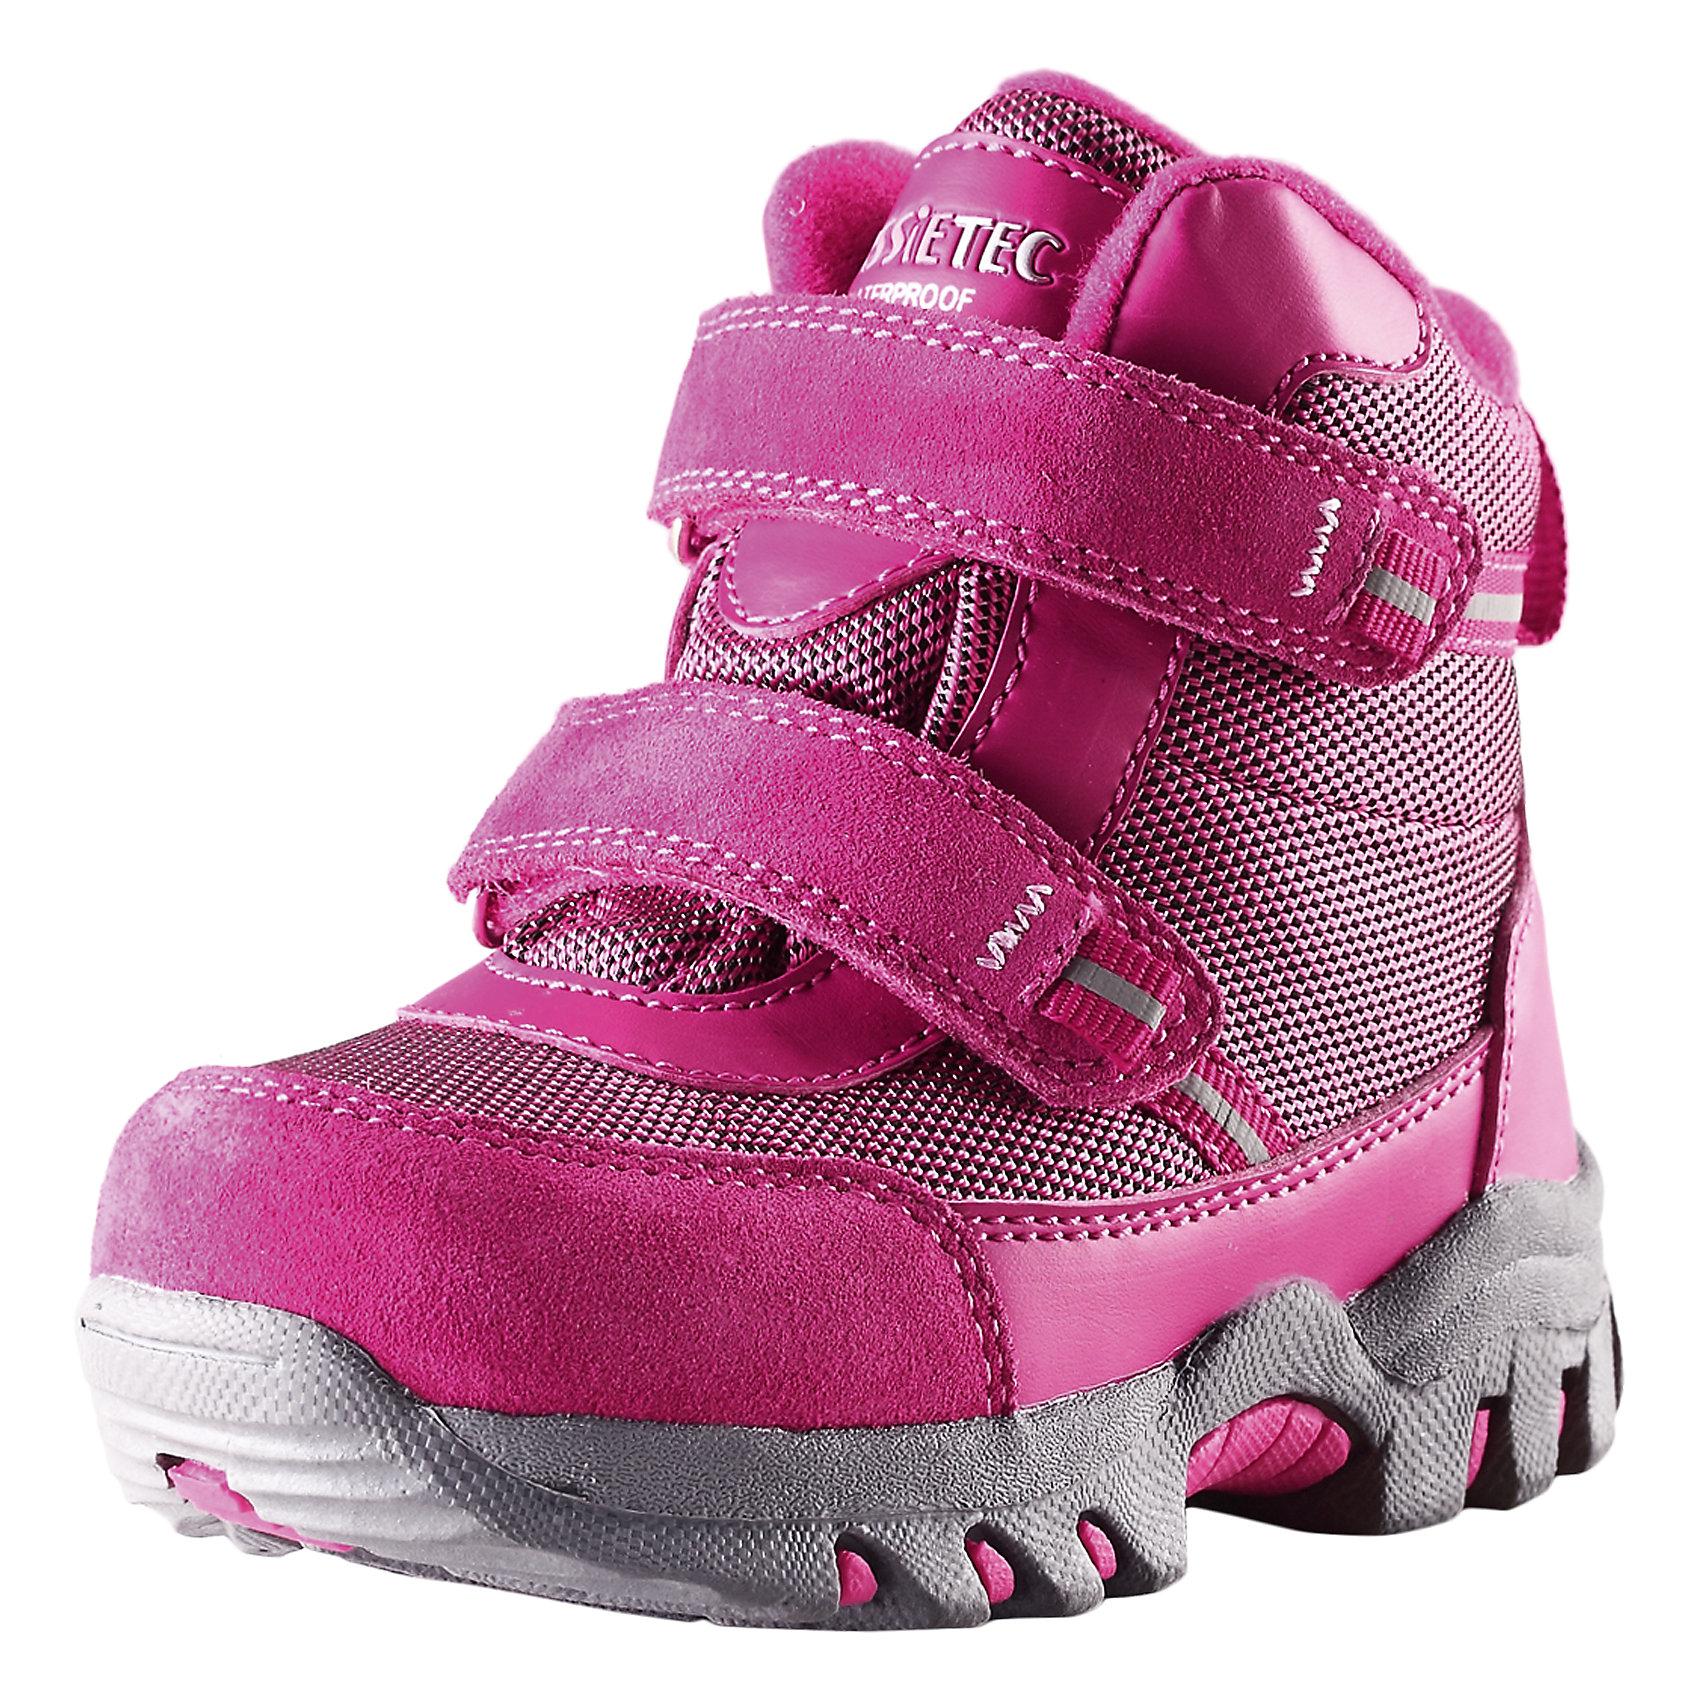 Ботинки для девочки  LASSIEОбувь<br>Зимние ботинки для малышей Lassietec®. <br><br>- Водонепроницаемая зимняя обувь. <br>- Верх из натуральной замши (из телячьей кожи), синтетического материала и текстиля. <br>- Подошва из термопластичного каучука обеспечивает хорошее сцепление с поверхностью. <br>- Подкладка из искусственного меха. <br>- Съемные стельки. <br>- Простая застежка на липучке, имеющая две точки крепления. <br>- Светоотражающие детали.<br><br>Храните обувь в вертикальном положении при комнатной температуре. Сушить обувь всегда следует при комнатной температуре: вынув съемные стельки. Стельки следует время от времени заменять на новые. Налипшую грязь можно счищать щеткой или влажной тряпкой. Перед использованием обувь рекомендуется обрабатывать специальными защитными средствами.<br><br>Состав: Подошва: Термопластиковая резина, Верх: 70% ПЭ 20% ПУ 10% Кожа.<br><br>Ширина мм: 262<br>Глубина мм: 176<br>Высота мм: 97<br>Вес г: 427<br>Цвет: розовый<br>Возраст от месяцев: 36<br>Возраст до месяцев: 48<br>Пол: Женский<br>Возраст: Детский<br>Размер: 27,22,23,24,25,26<br>SKU: 4780902